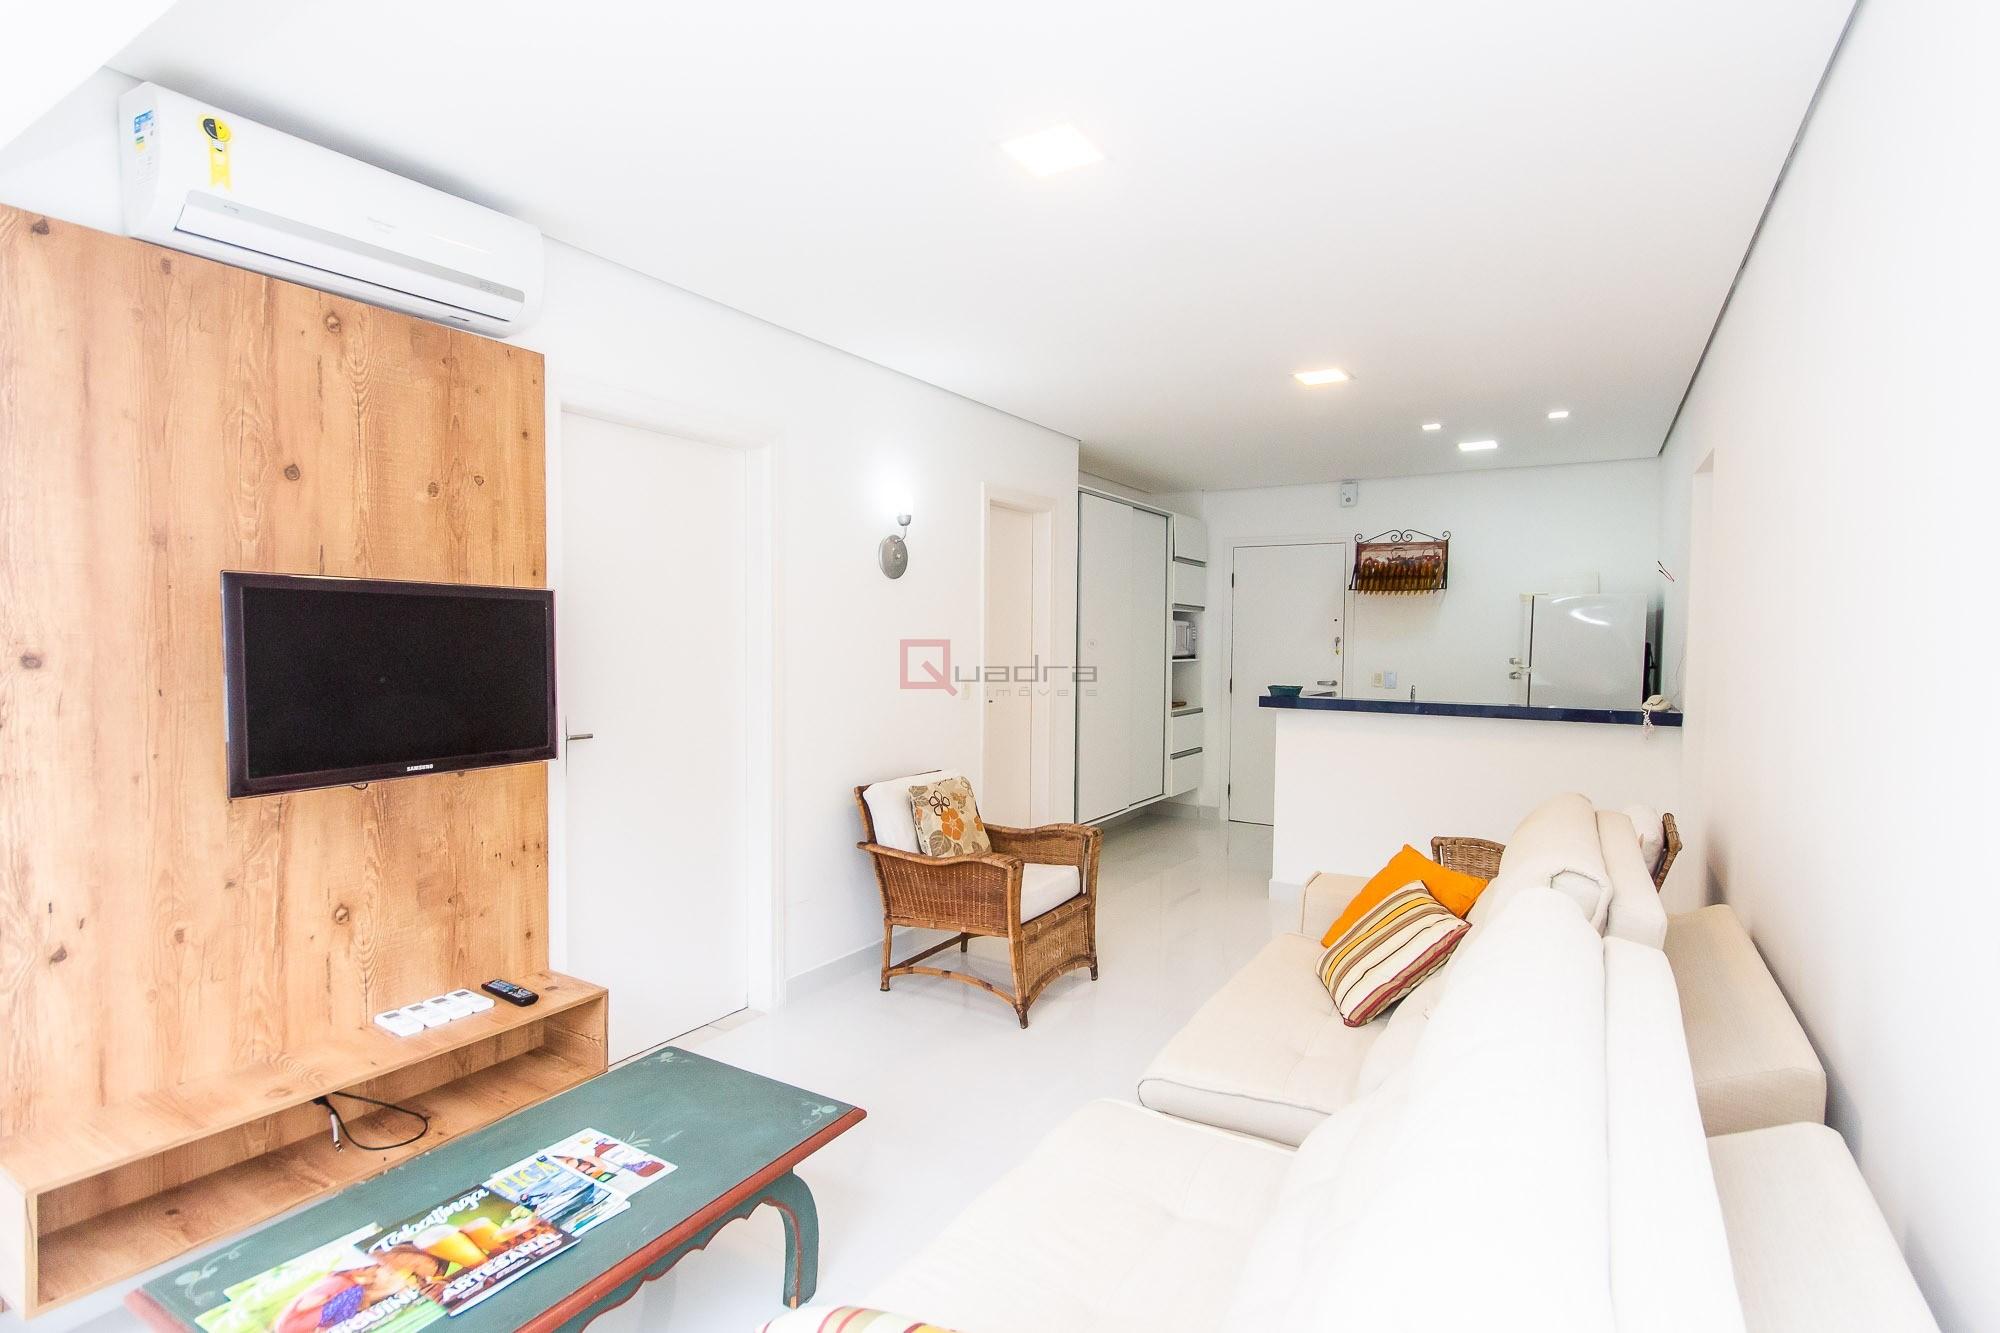 Apartamento com 3 dormitórios para temporada em Caraguatatuba, no bairro Tabatinga